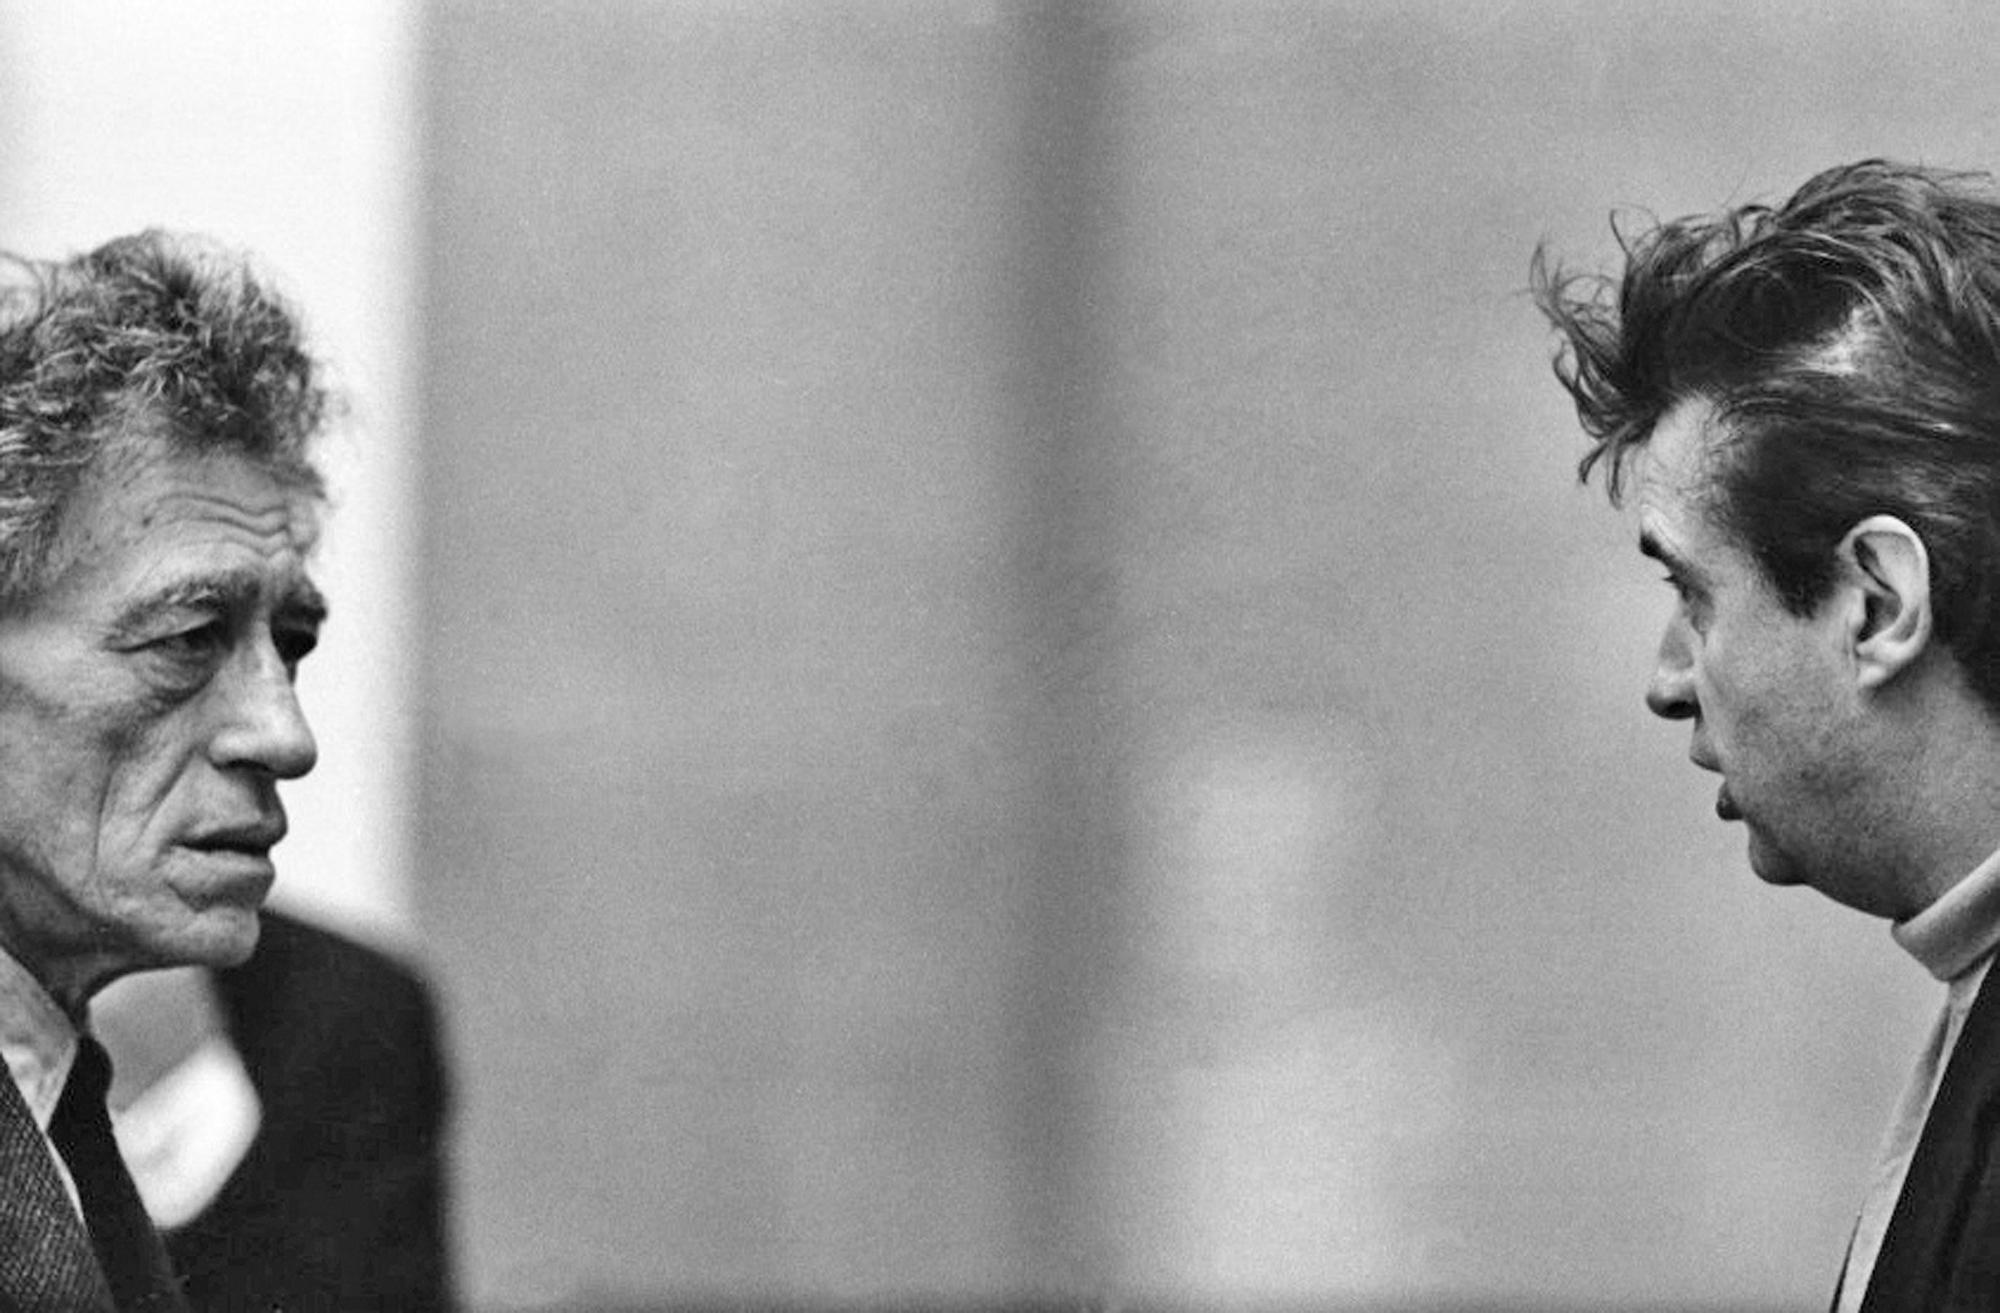 Alberto Giacometti und Francis Bacon begegnen sich: Nach Nähe sieht das nicht aus.